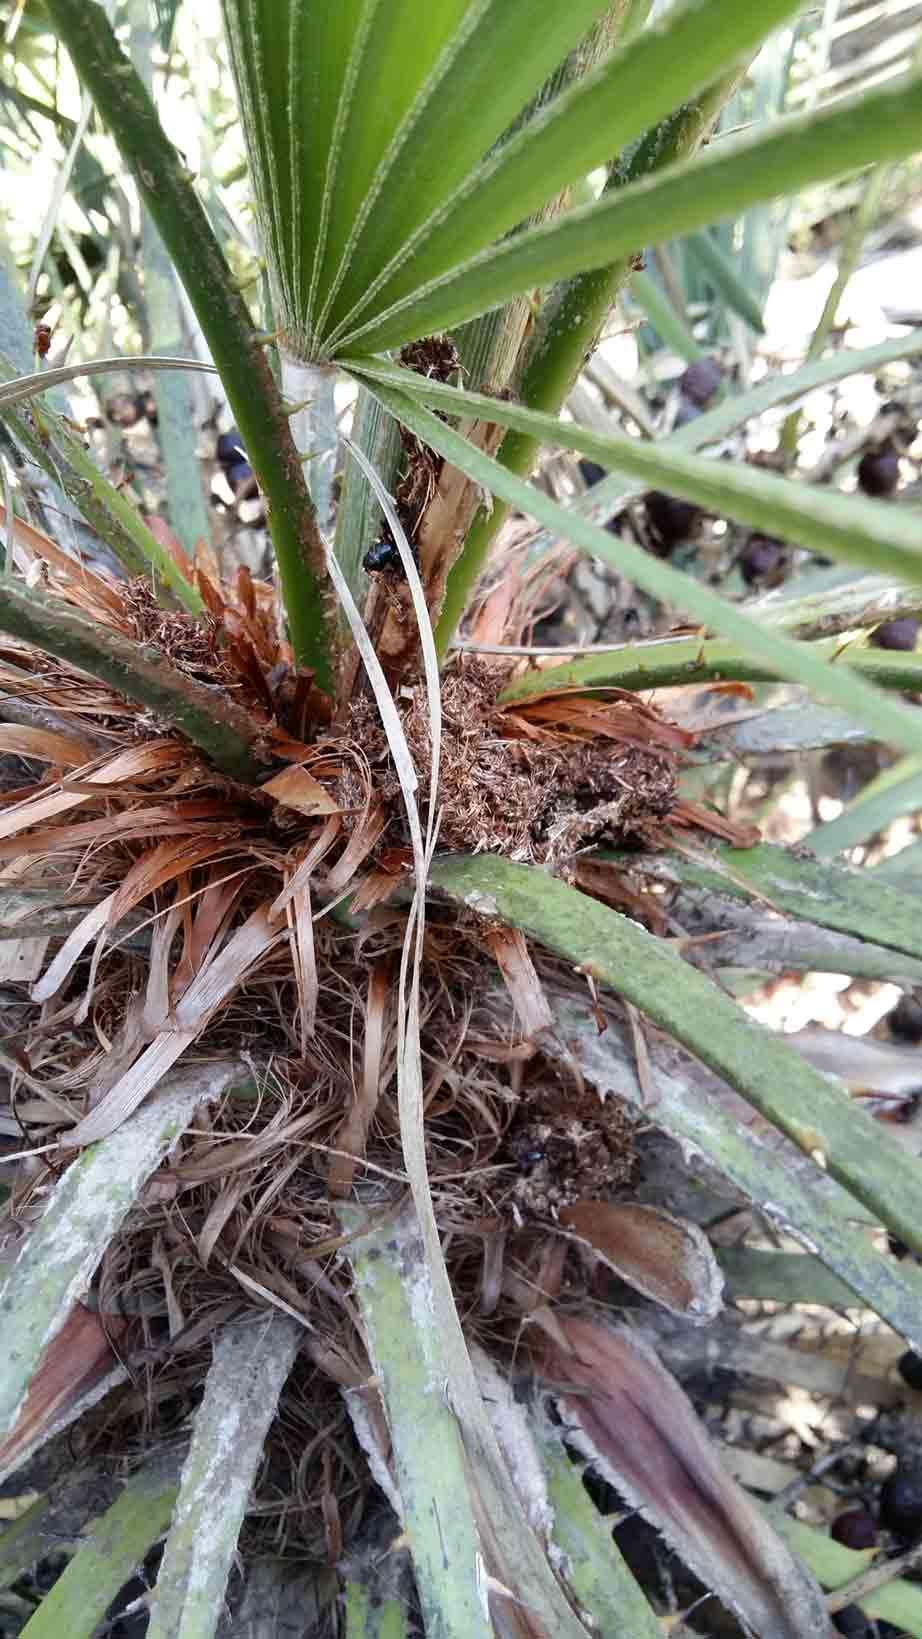 Symptômes-palmier-trachicarpus-attaque-du-coeur-du-palmier-1